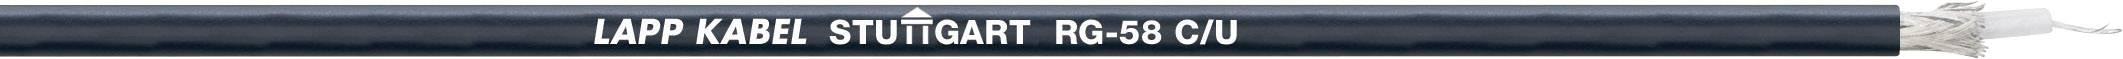 Koaxiální kabel LappKabel RG 58 C/U 2170000, stíněný, 1 m, černá